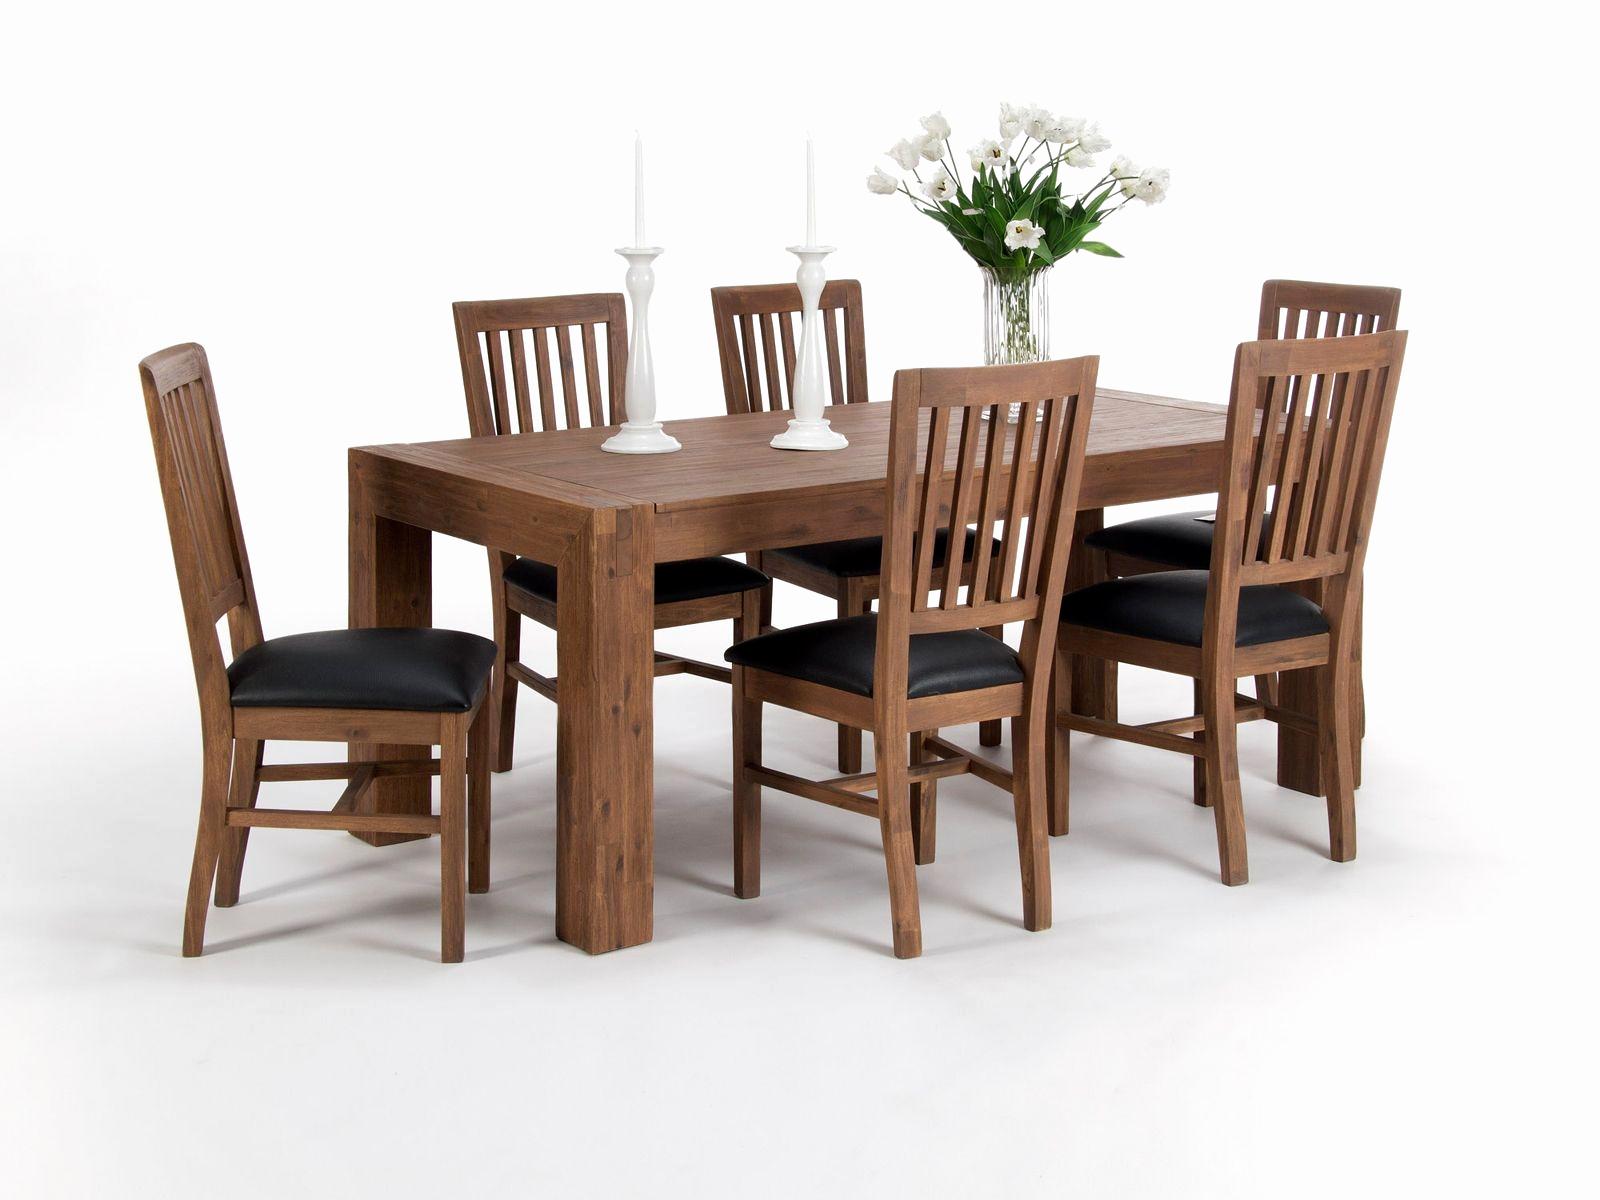 Meubles Conforama Salle A Manger Nouveau Collection Chaise Haute Pour Salle A Manger Meilleur De Conforama Chaises De